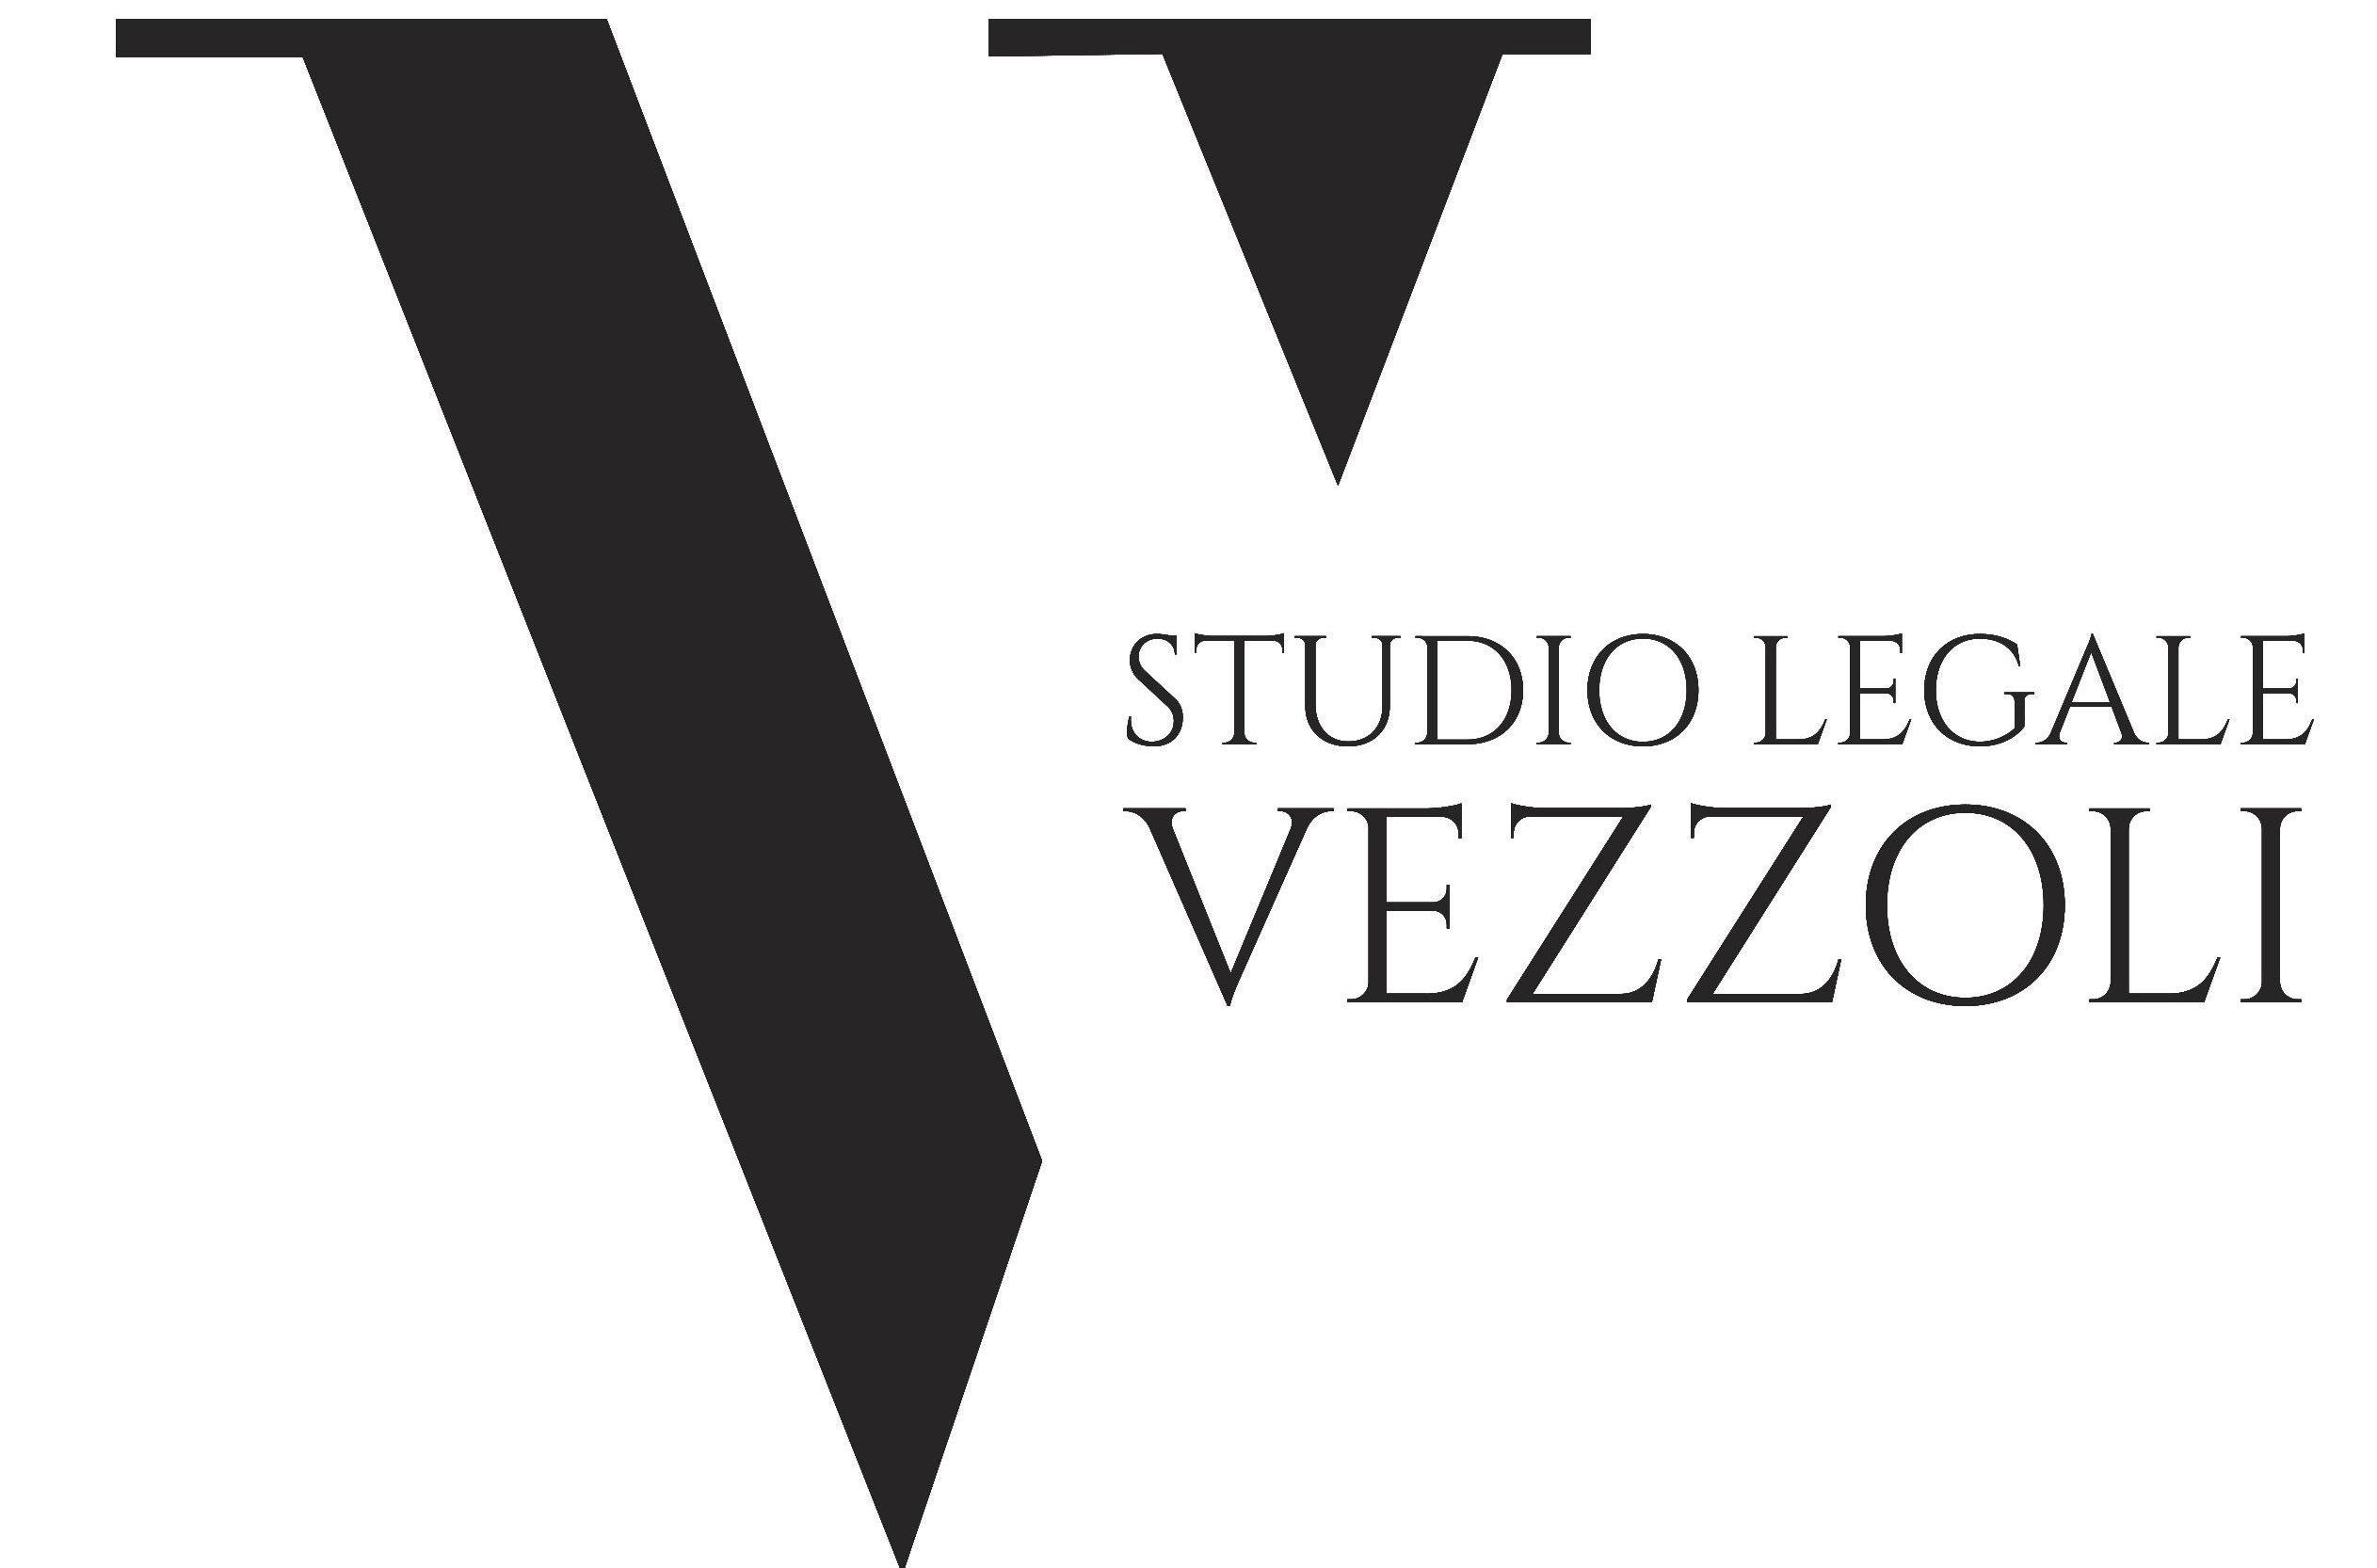 Studio Legale Vezzoli